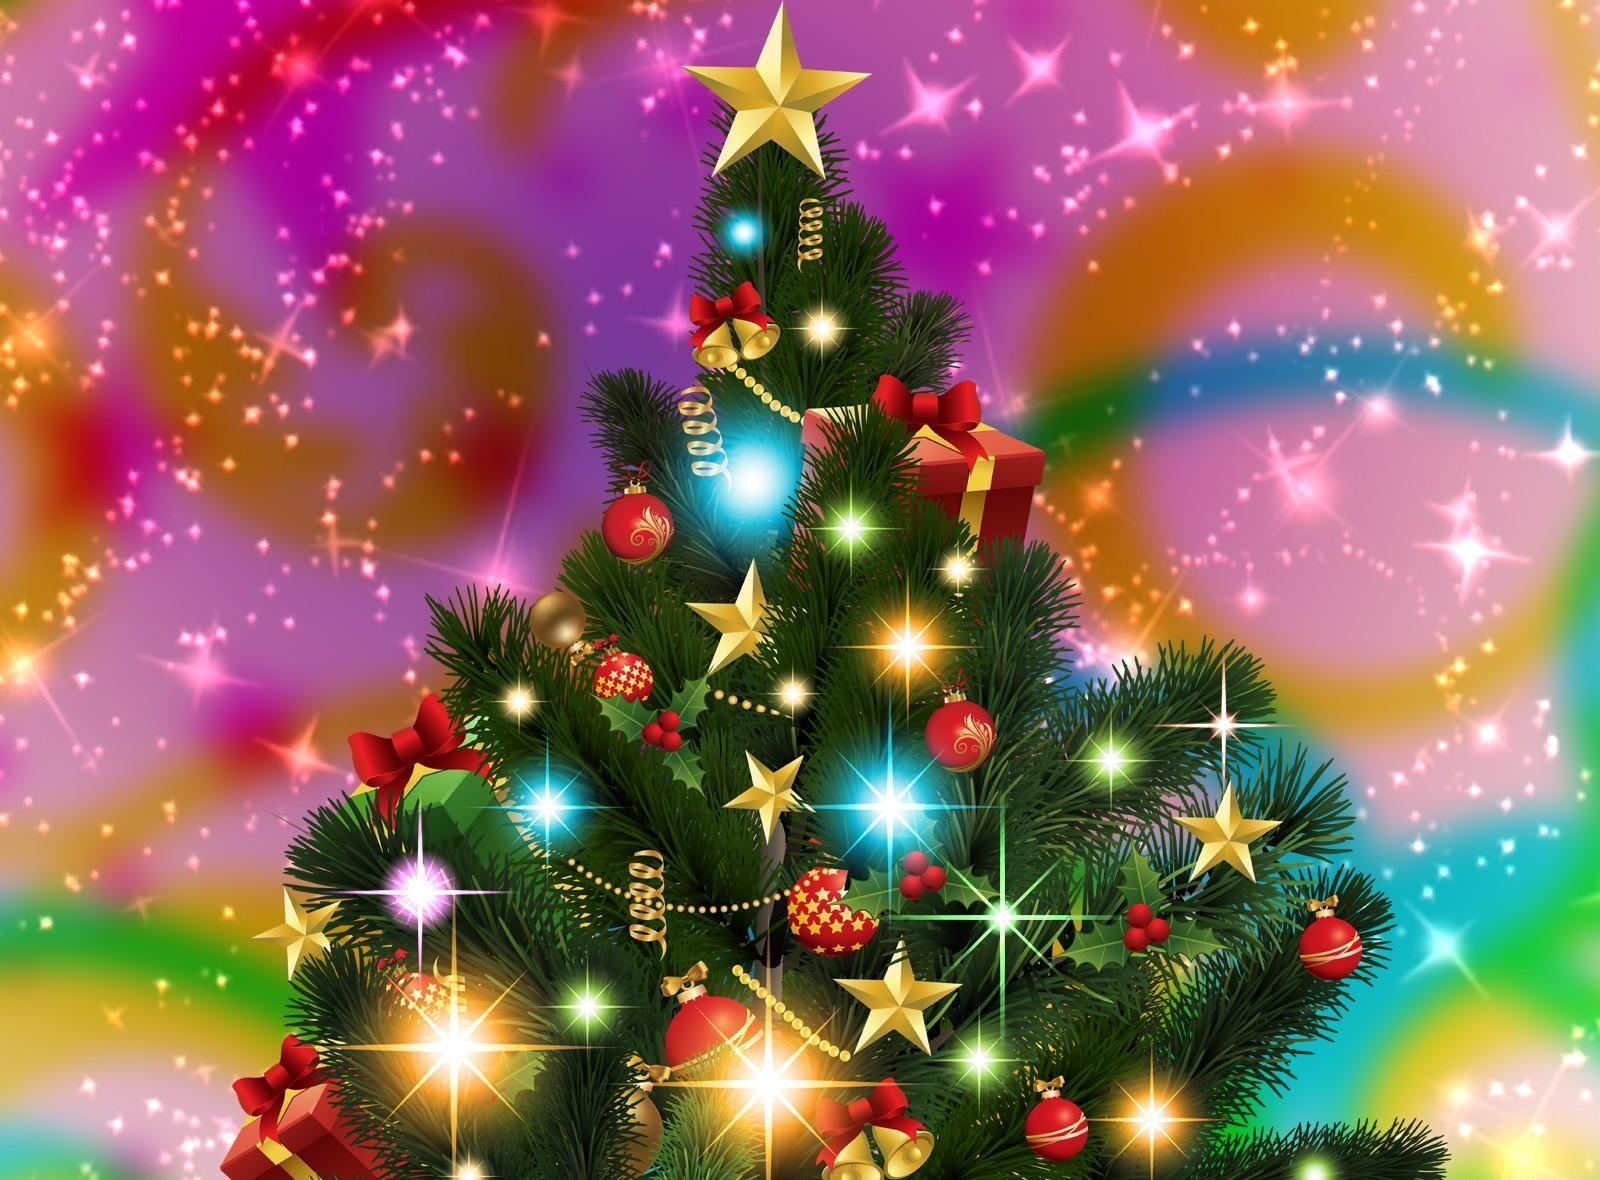 133575 скачать обои Праздники, Елка, Звезды, Сияние, Праздник, Гирлянды - заставки и картинки бесплатно